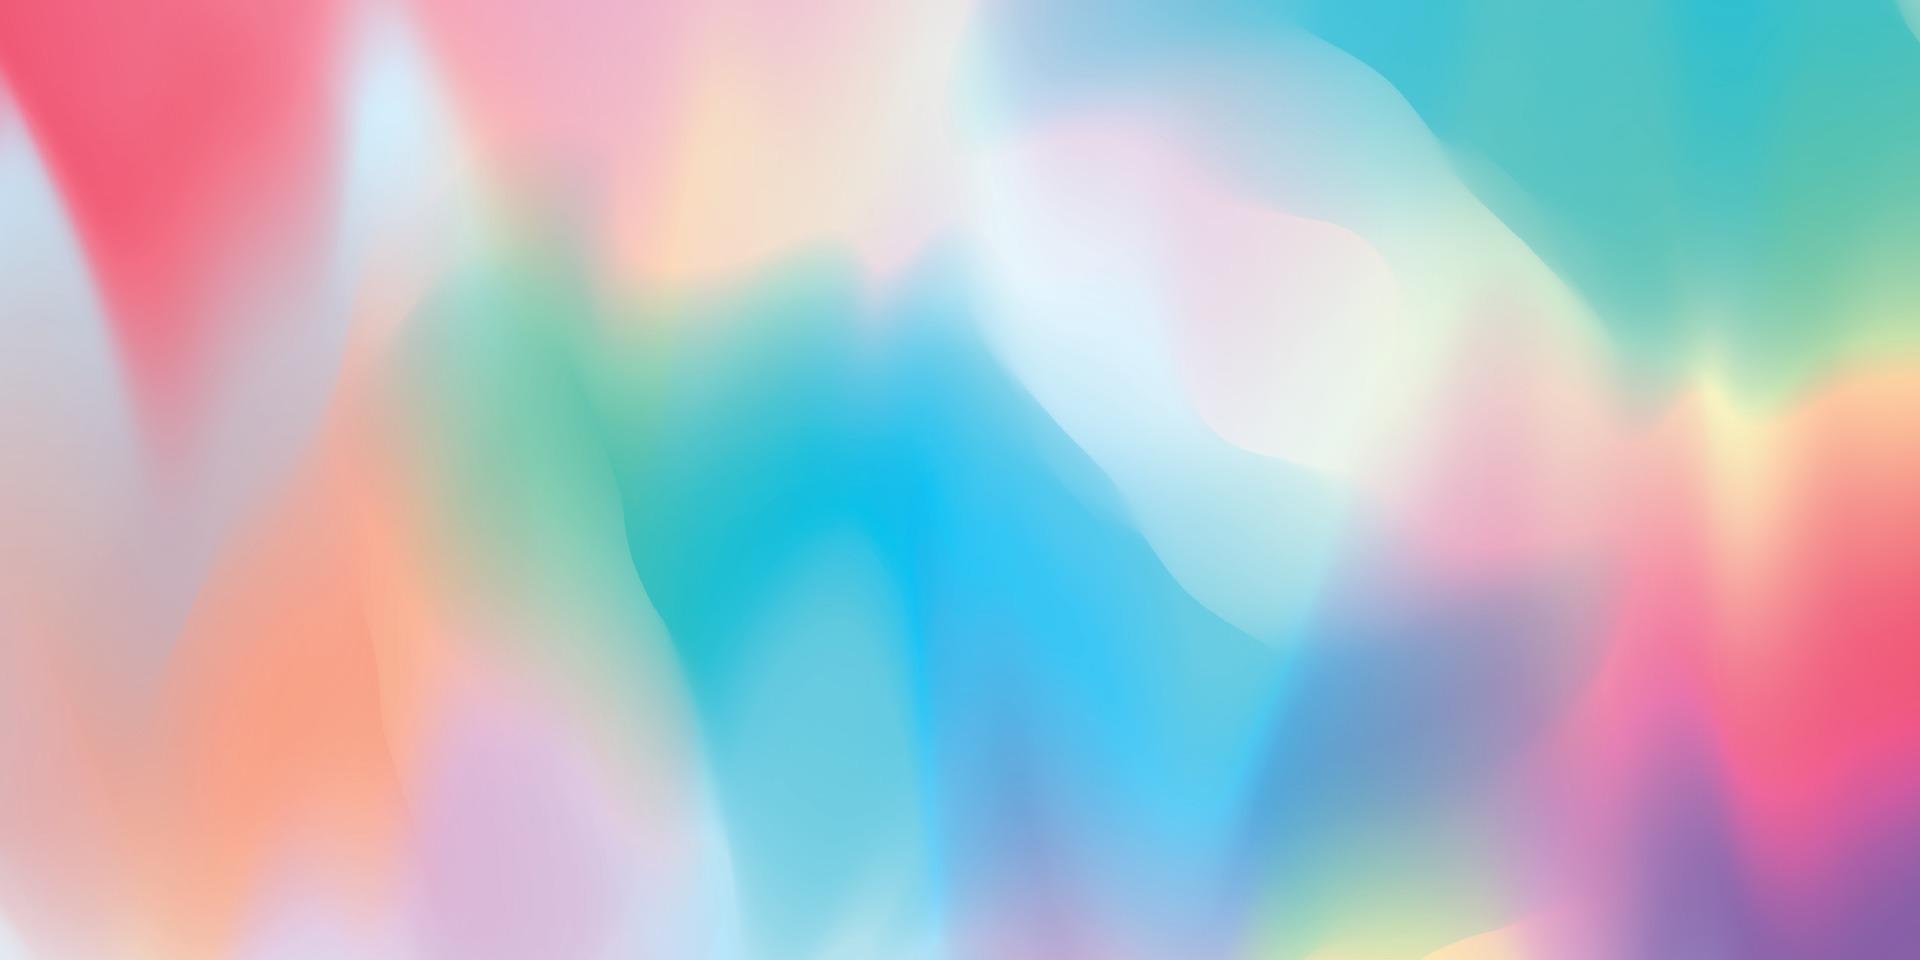 Concepto de fondo degradado colorido pastel abstracto para su diseño gráfico colorido, vector